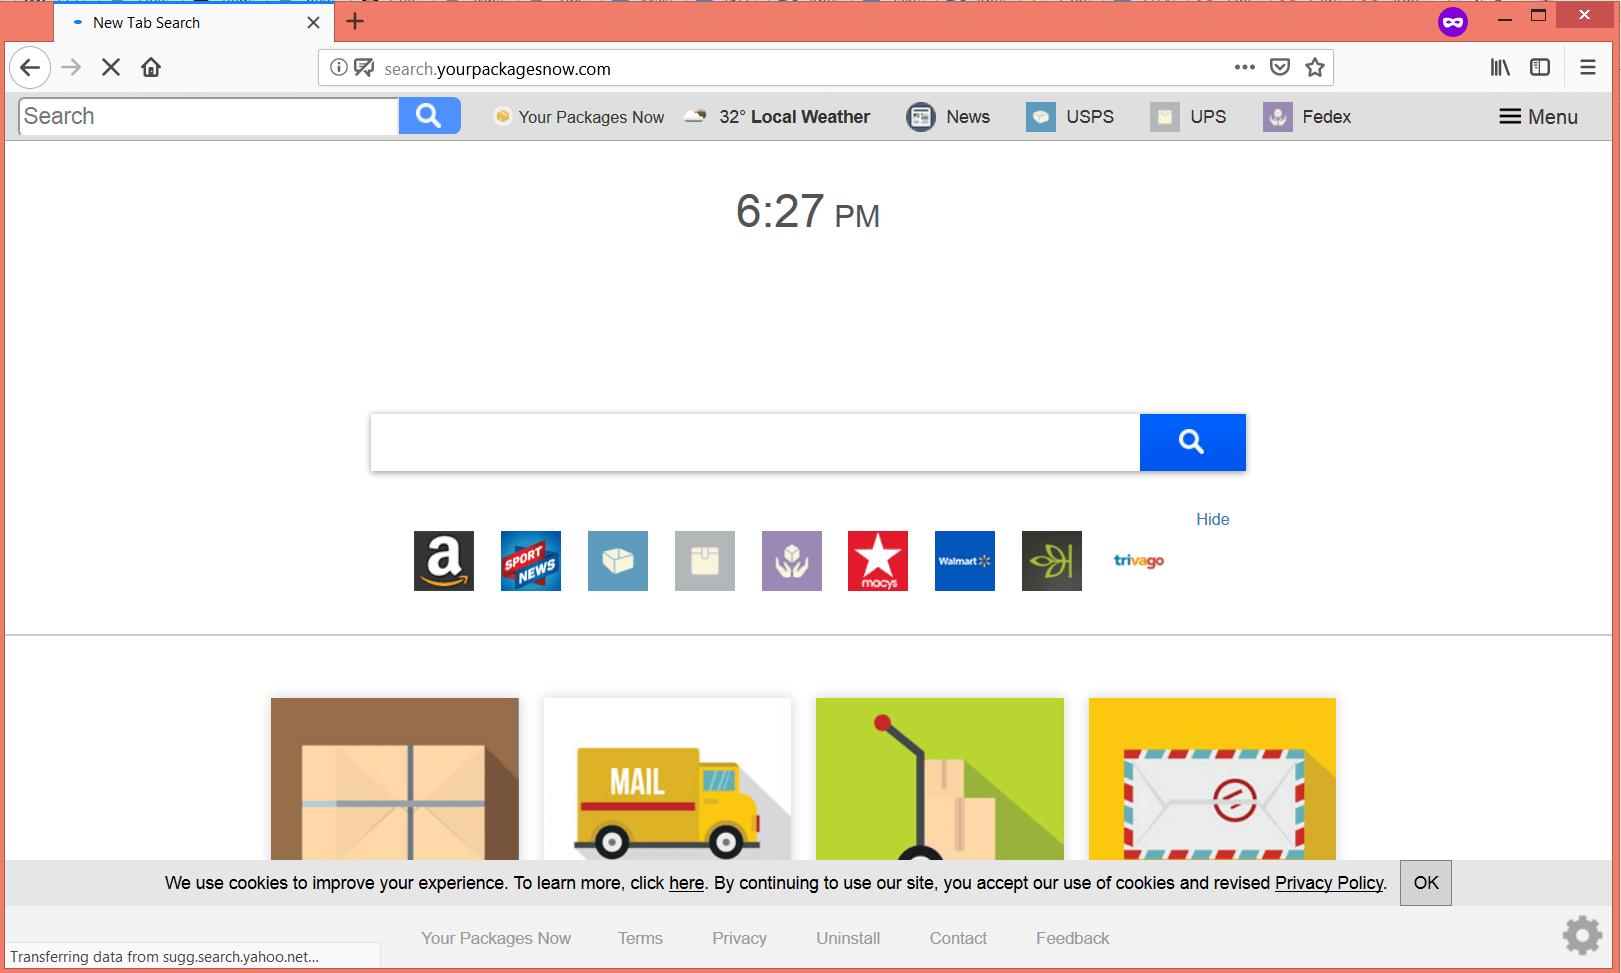 Suche yourpackagesnow com Browser-Hijacker sensorstechforum entfernen